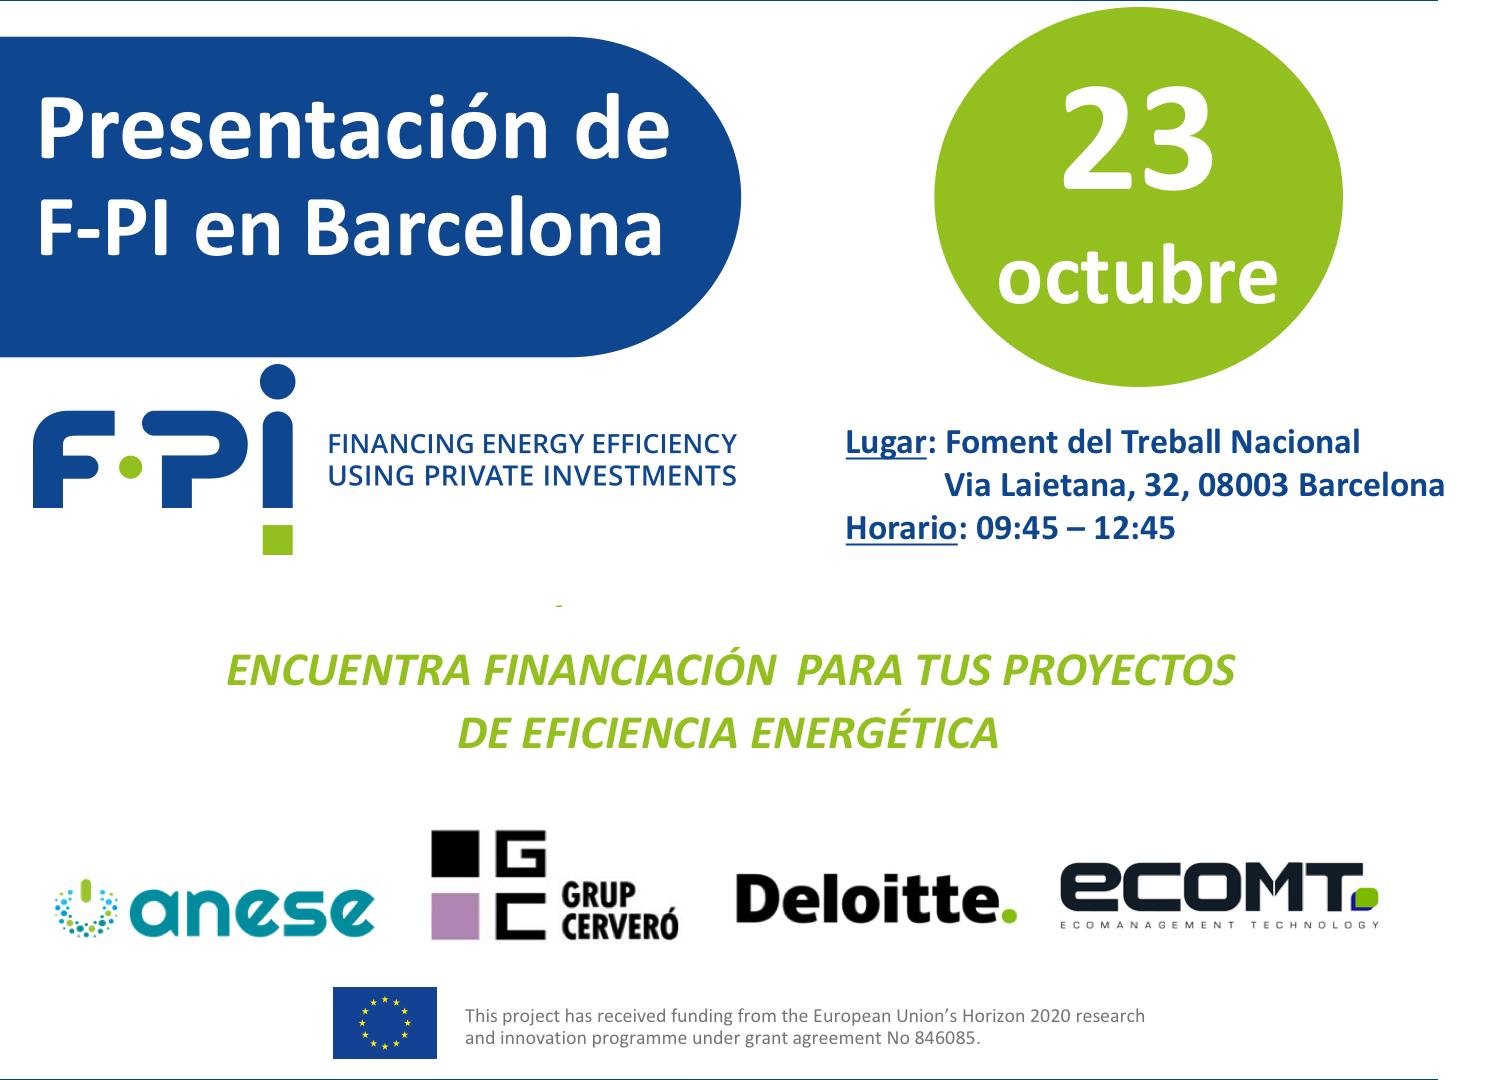 El proyecto F-PI será presentado en Barcelona